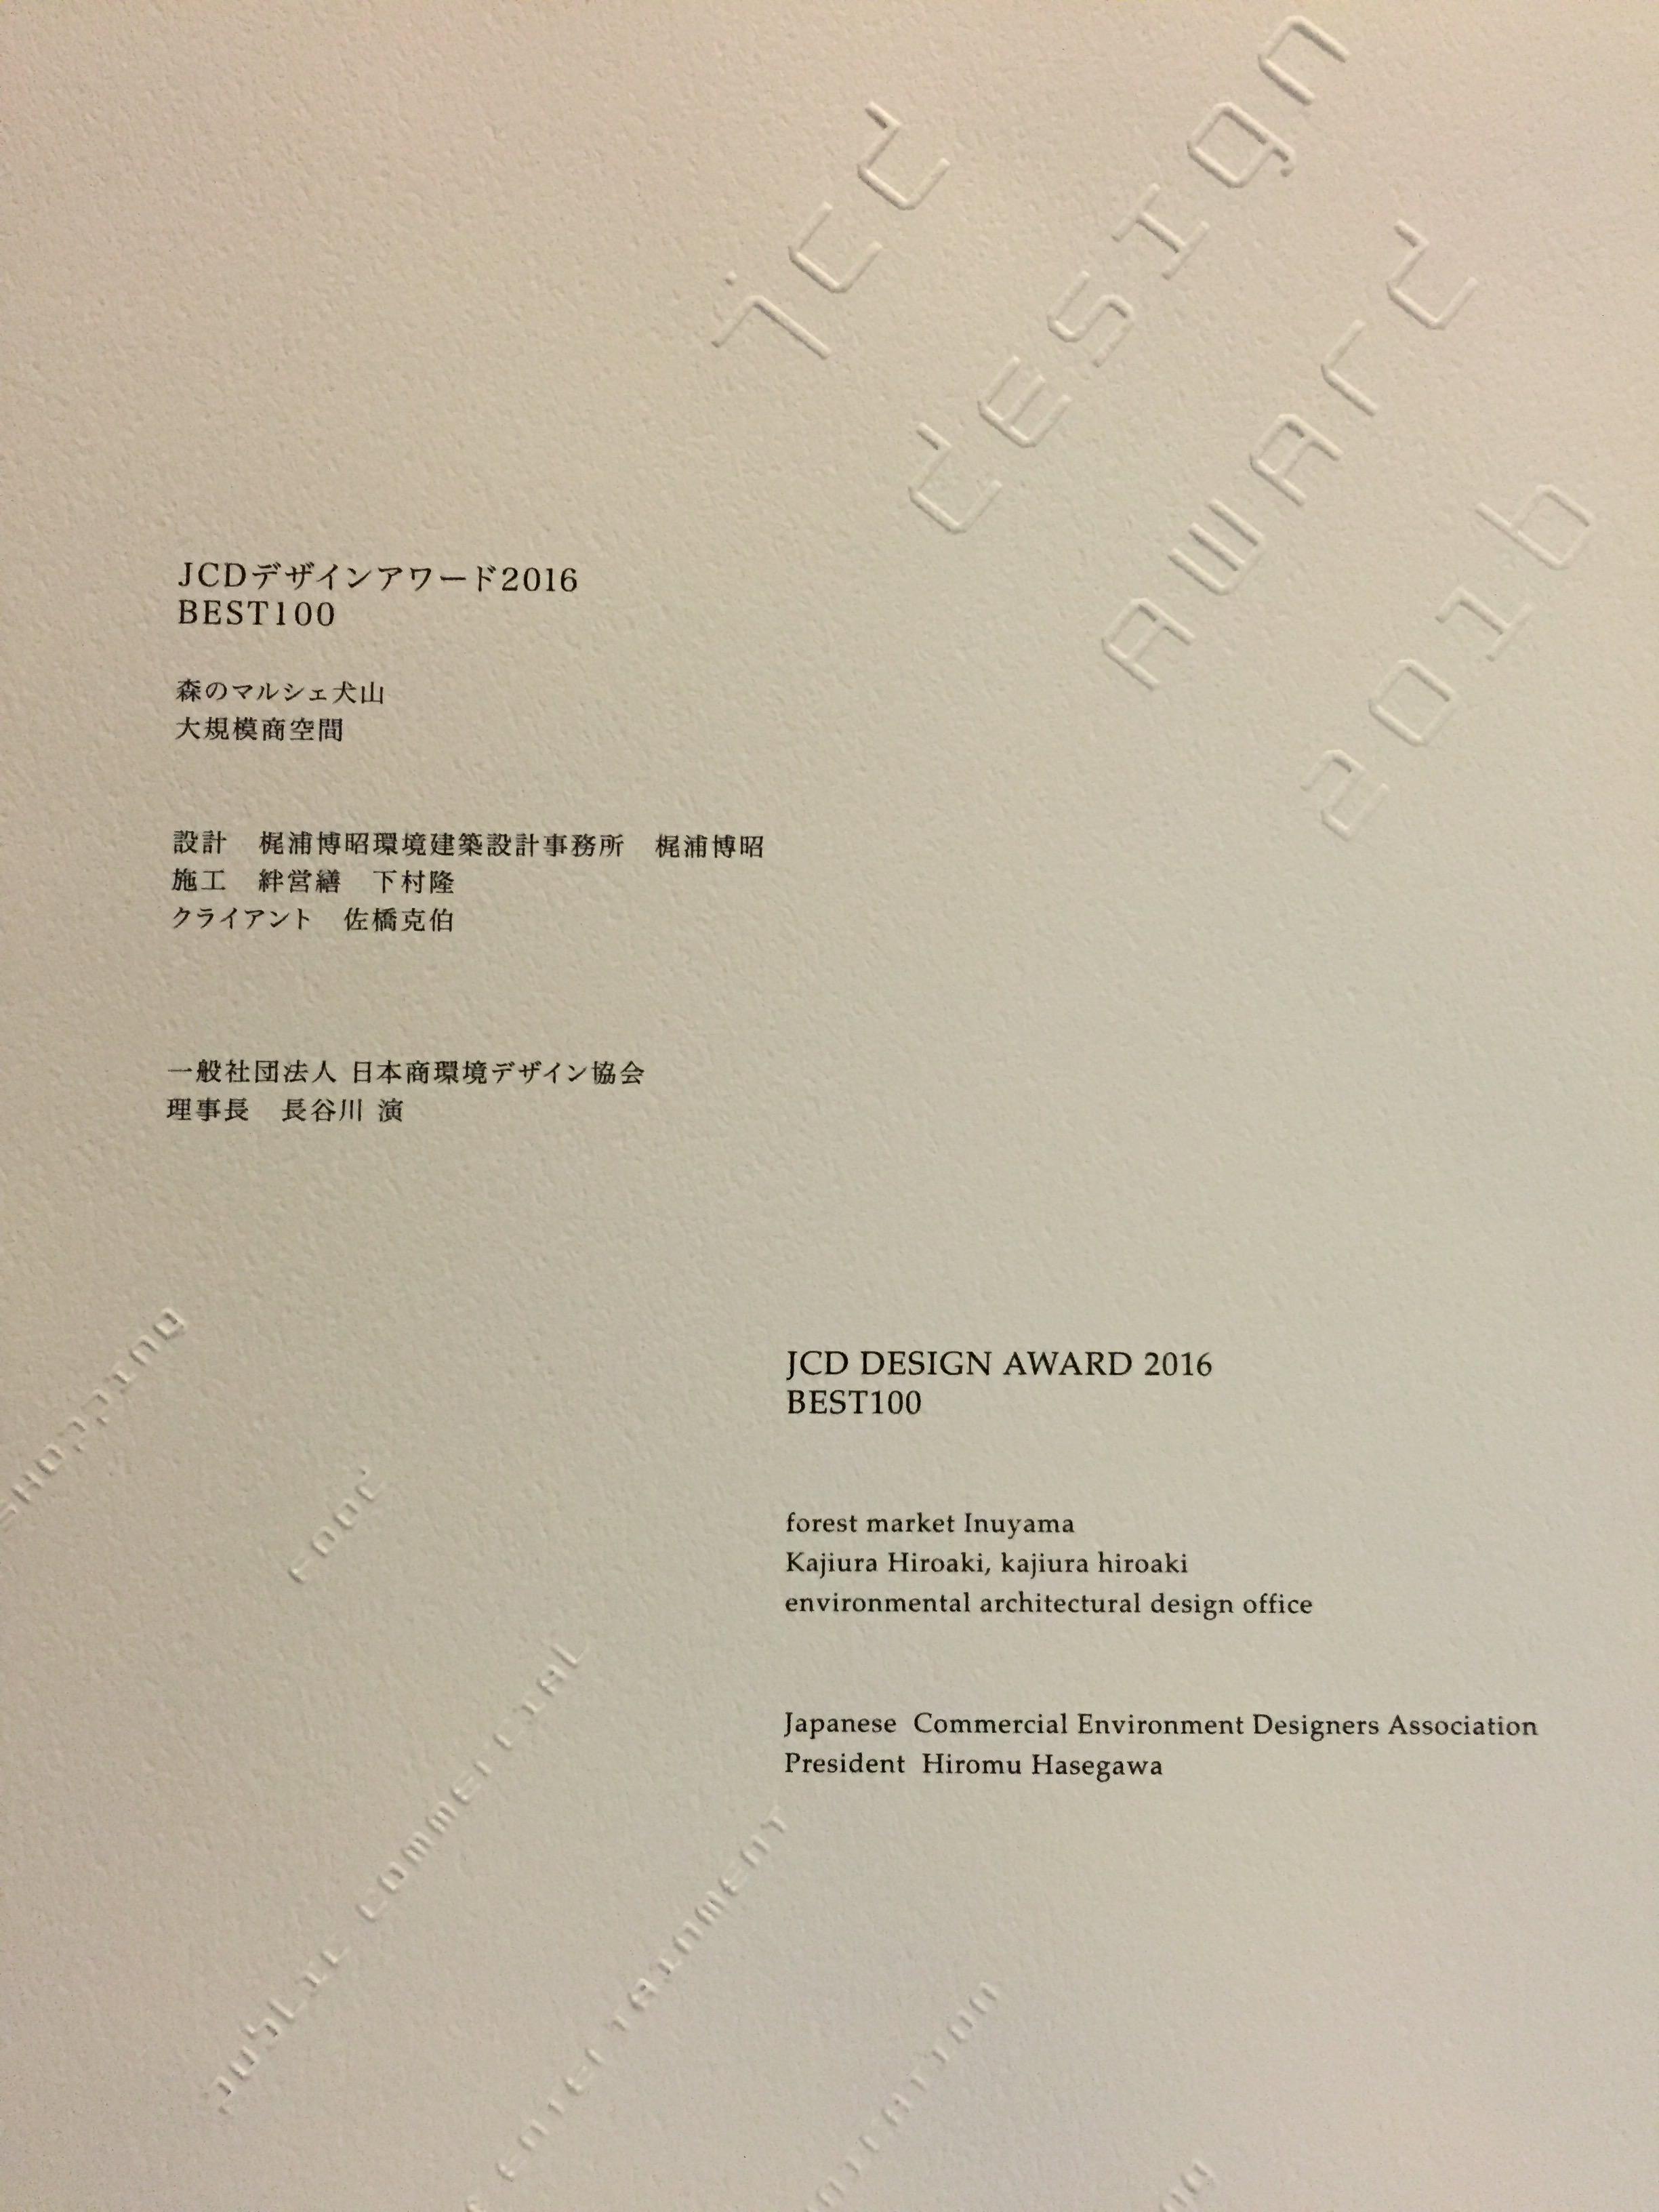 JCDデザインアワード2016の賞状